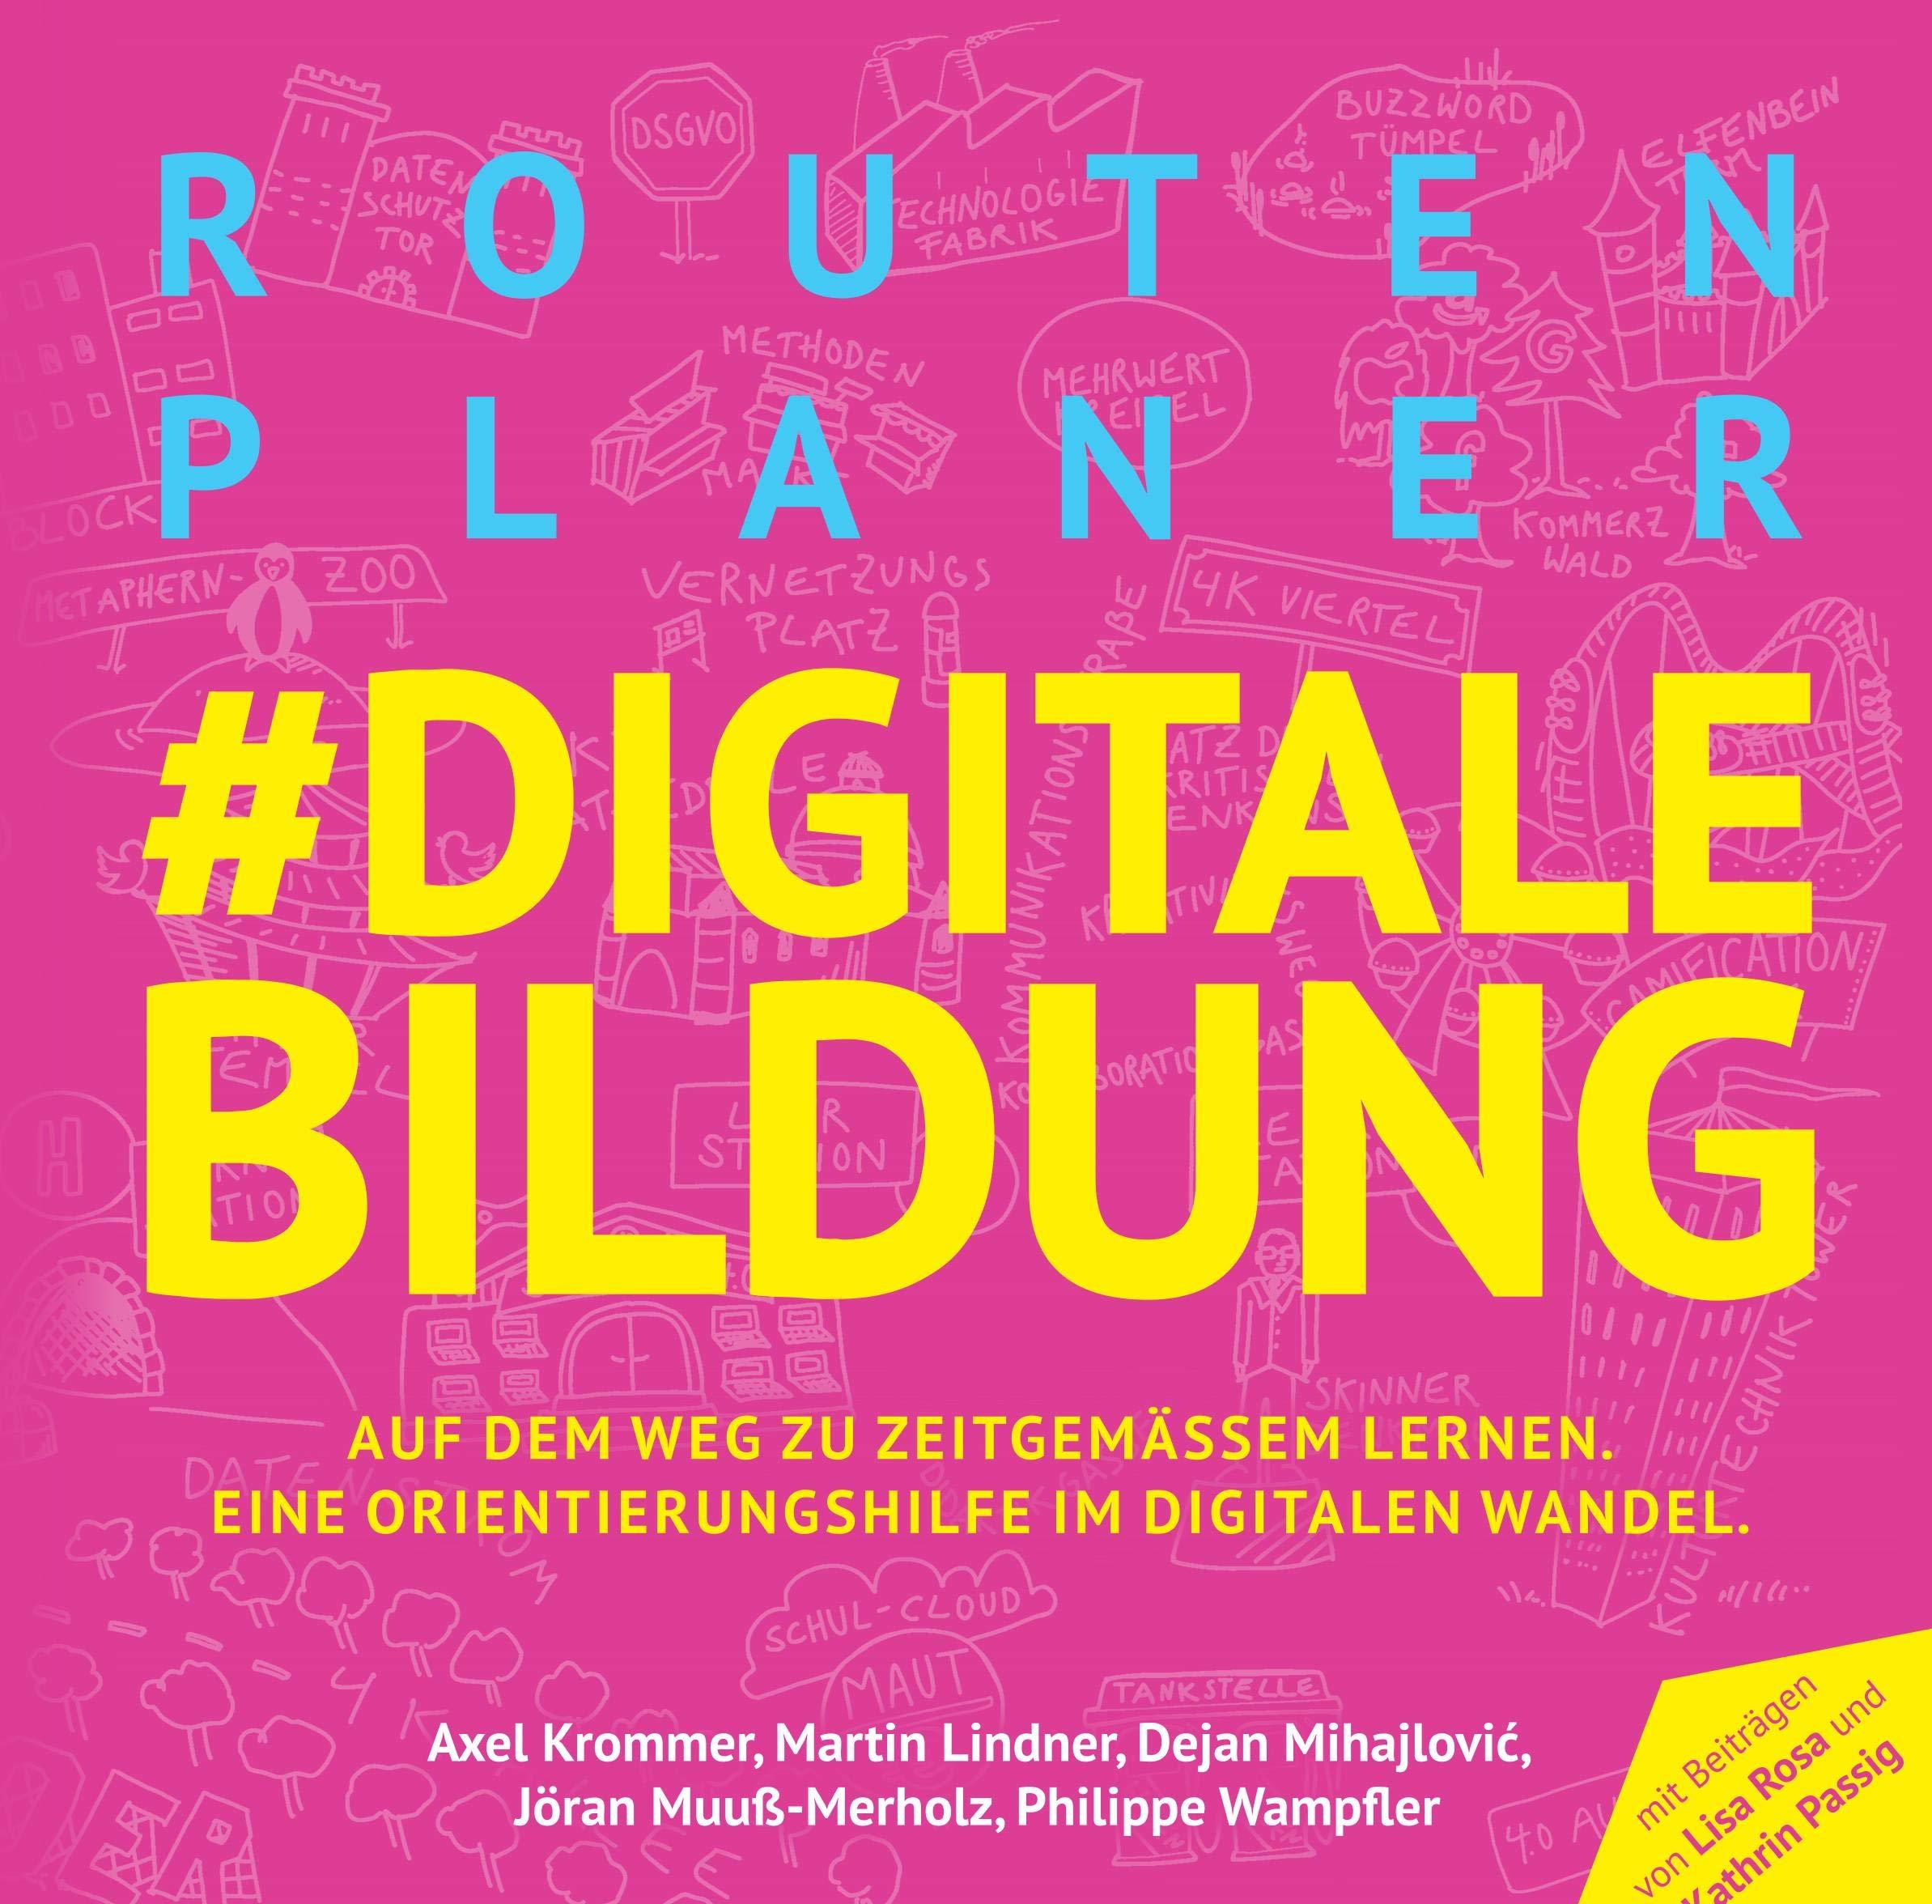 Routenplaner Digitale Bildung Auf Dem Weg Zu Zeitgemasser Bildung